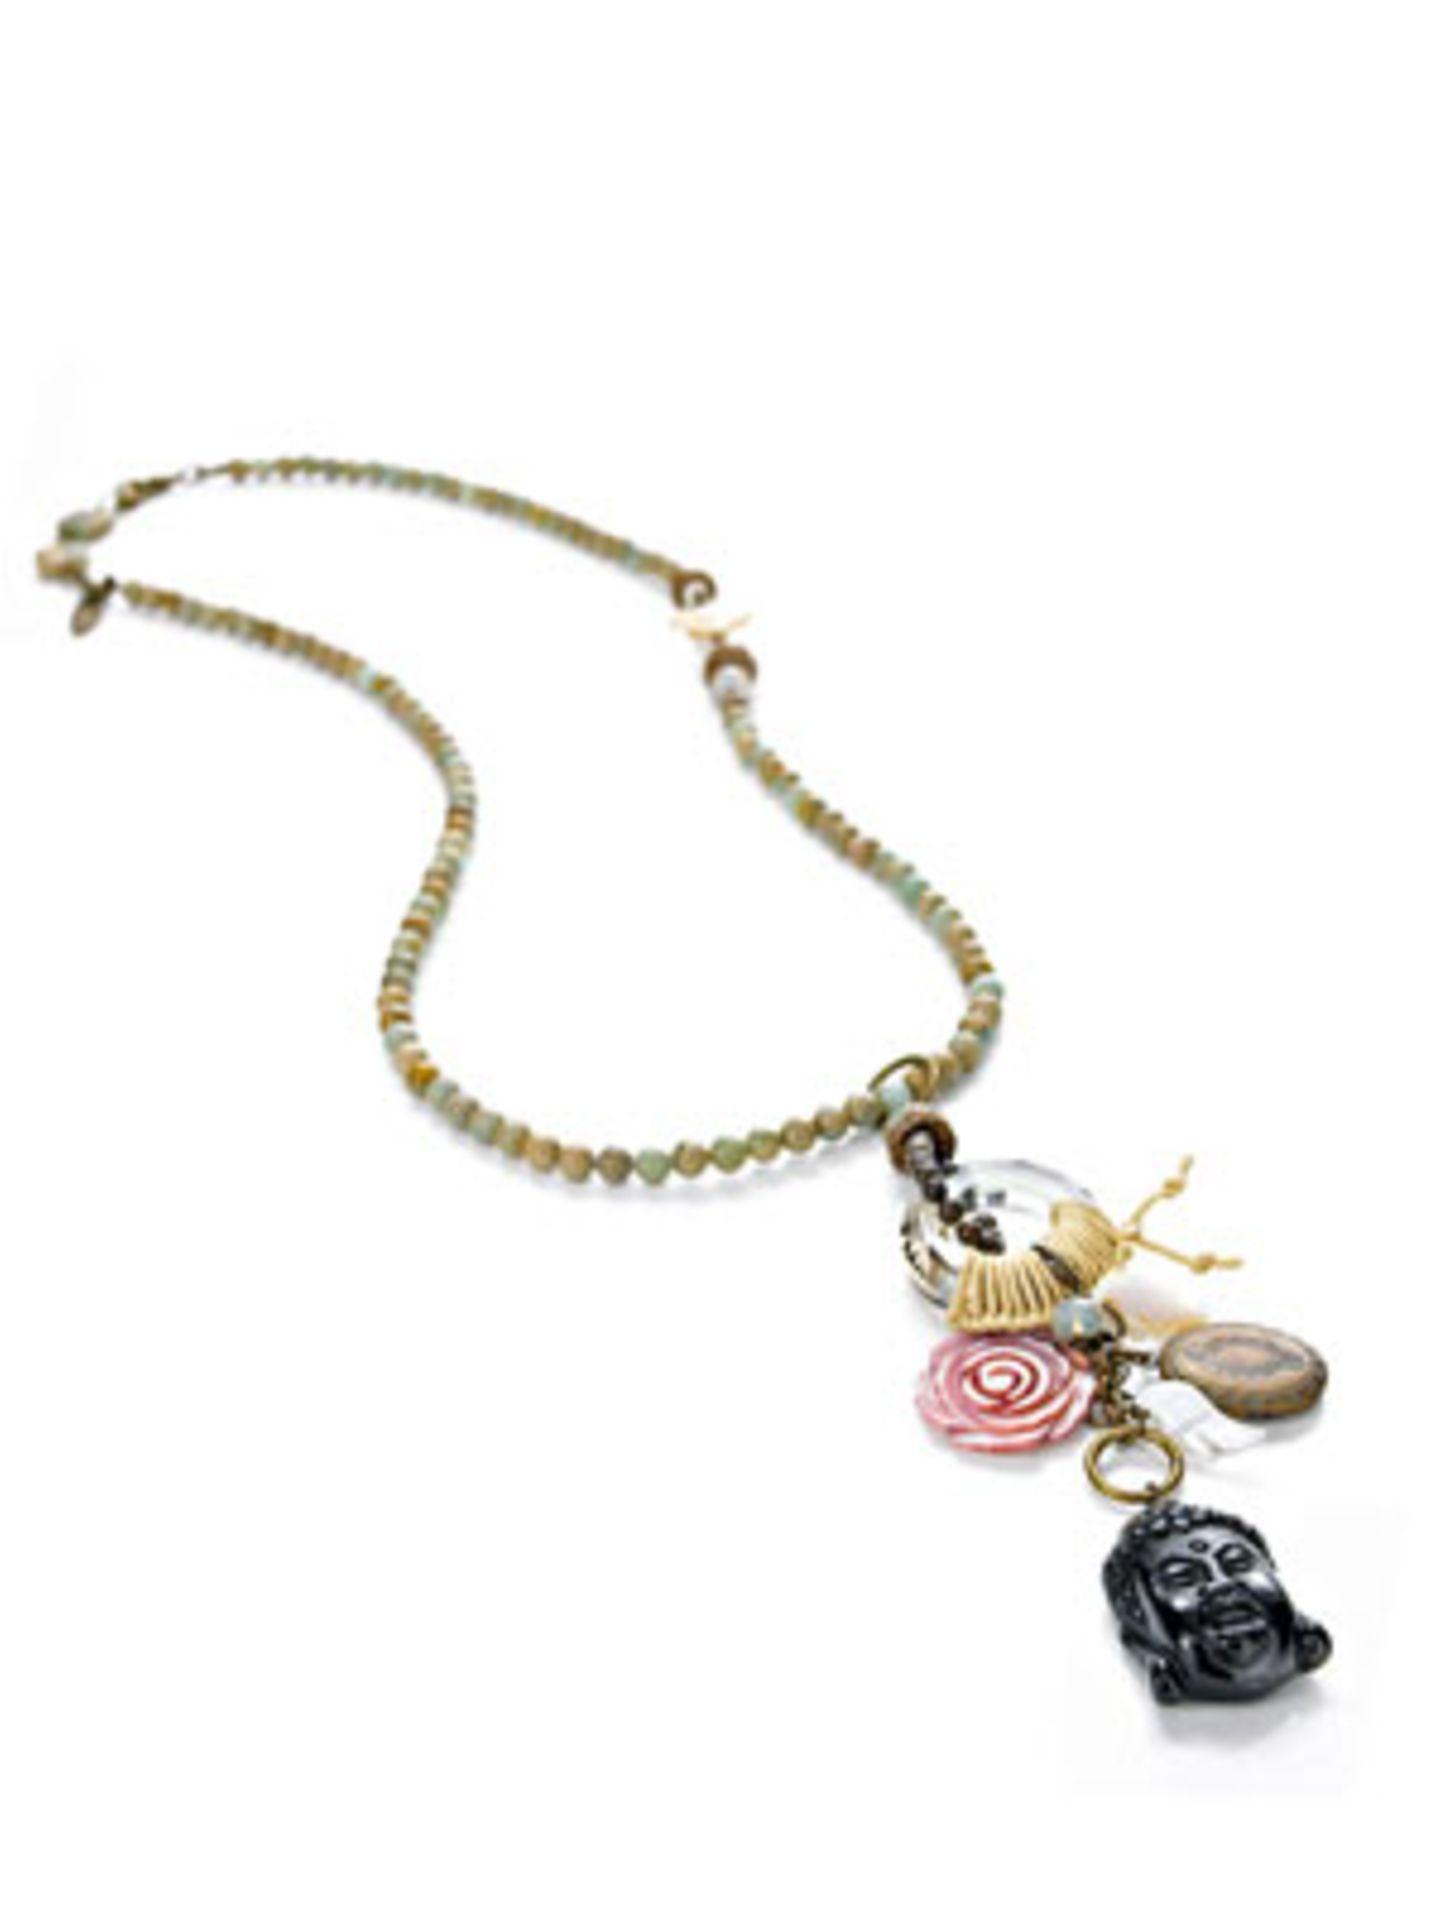 Emaille-farbene Perlenkette mit Buddha-Anhänger von Exoal, um 80 Euro. Über www.impressionen.de.